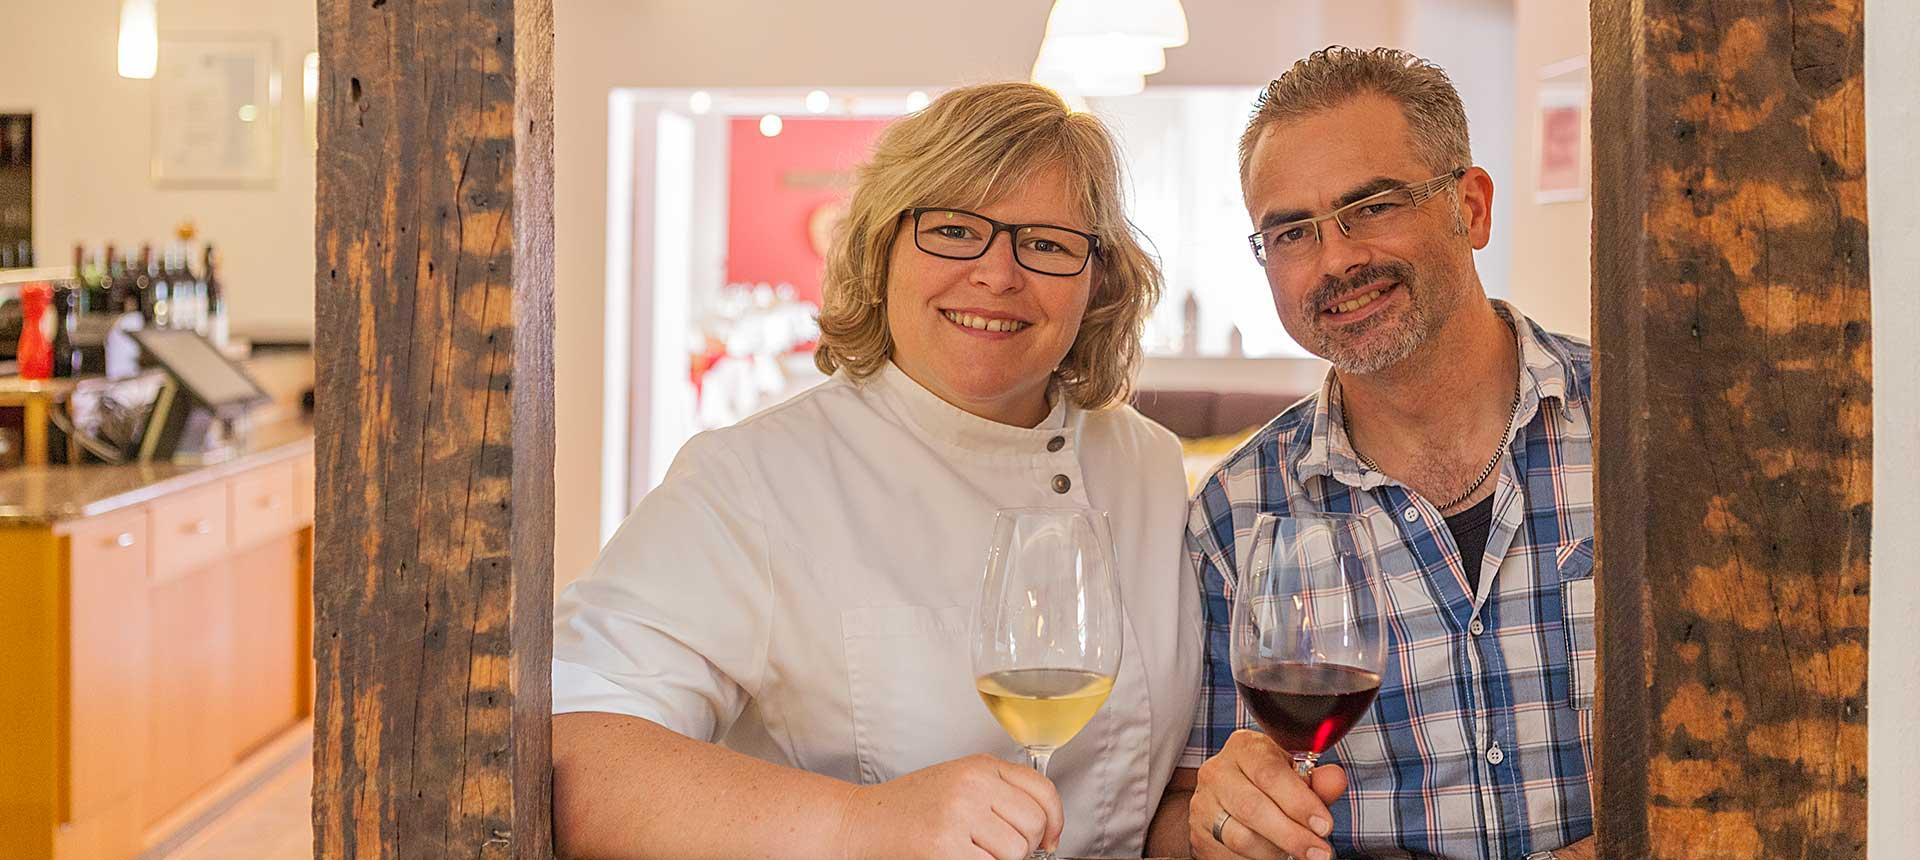 Hotel und Restaurant Pfeifertal - Familie Fischer begrüßt Sie